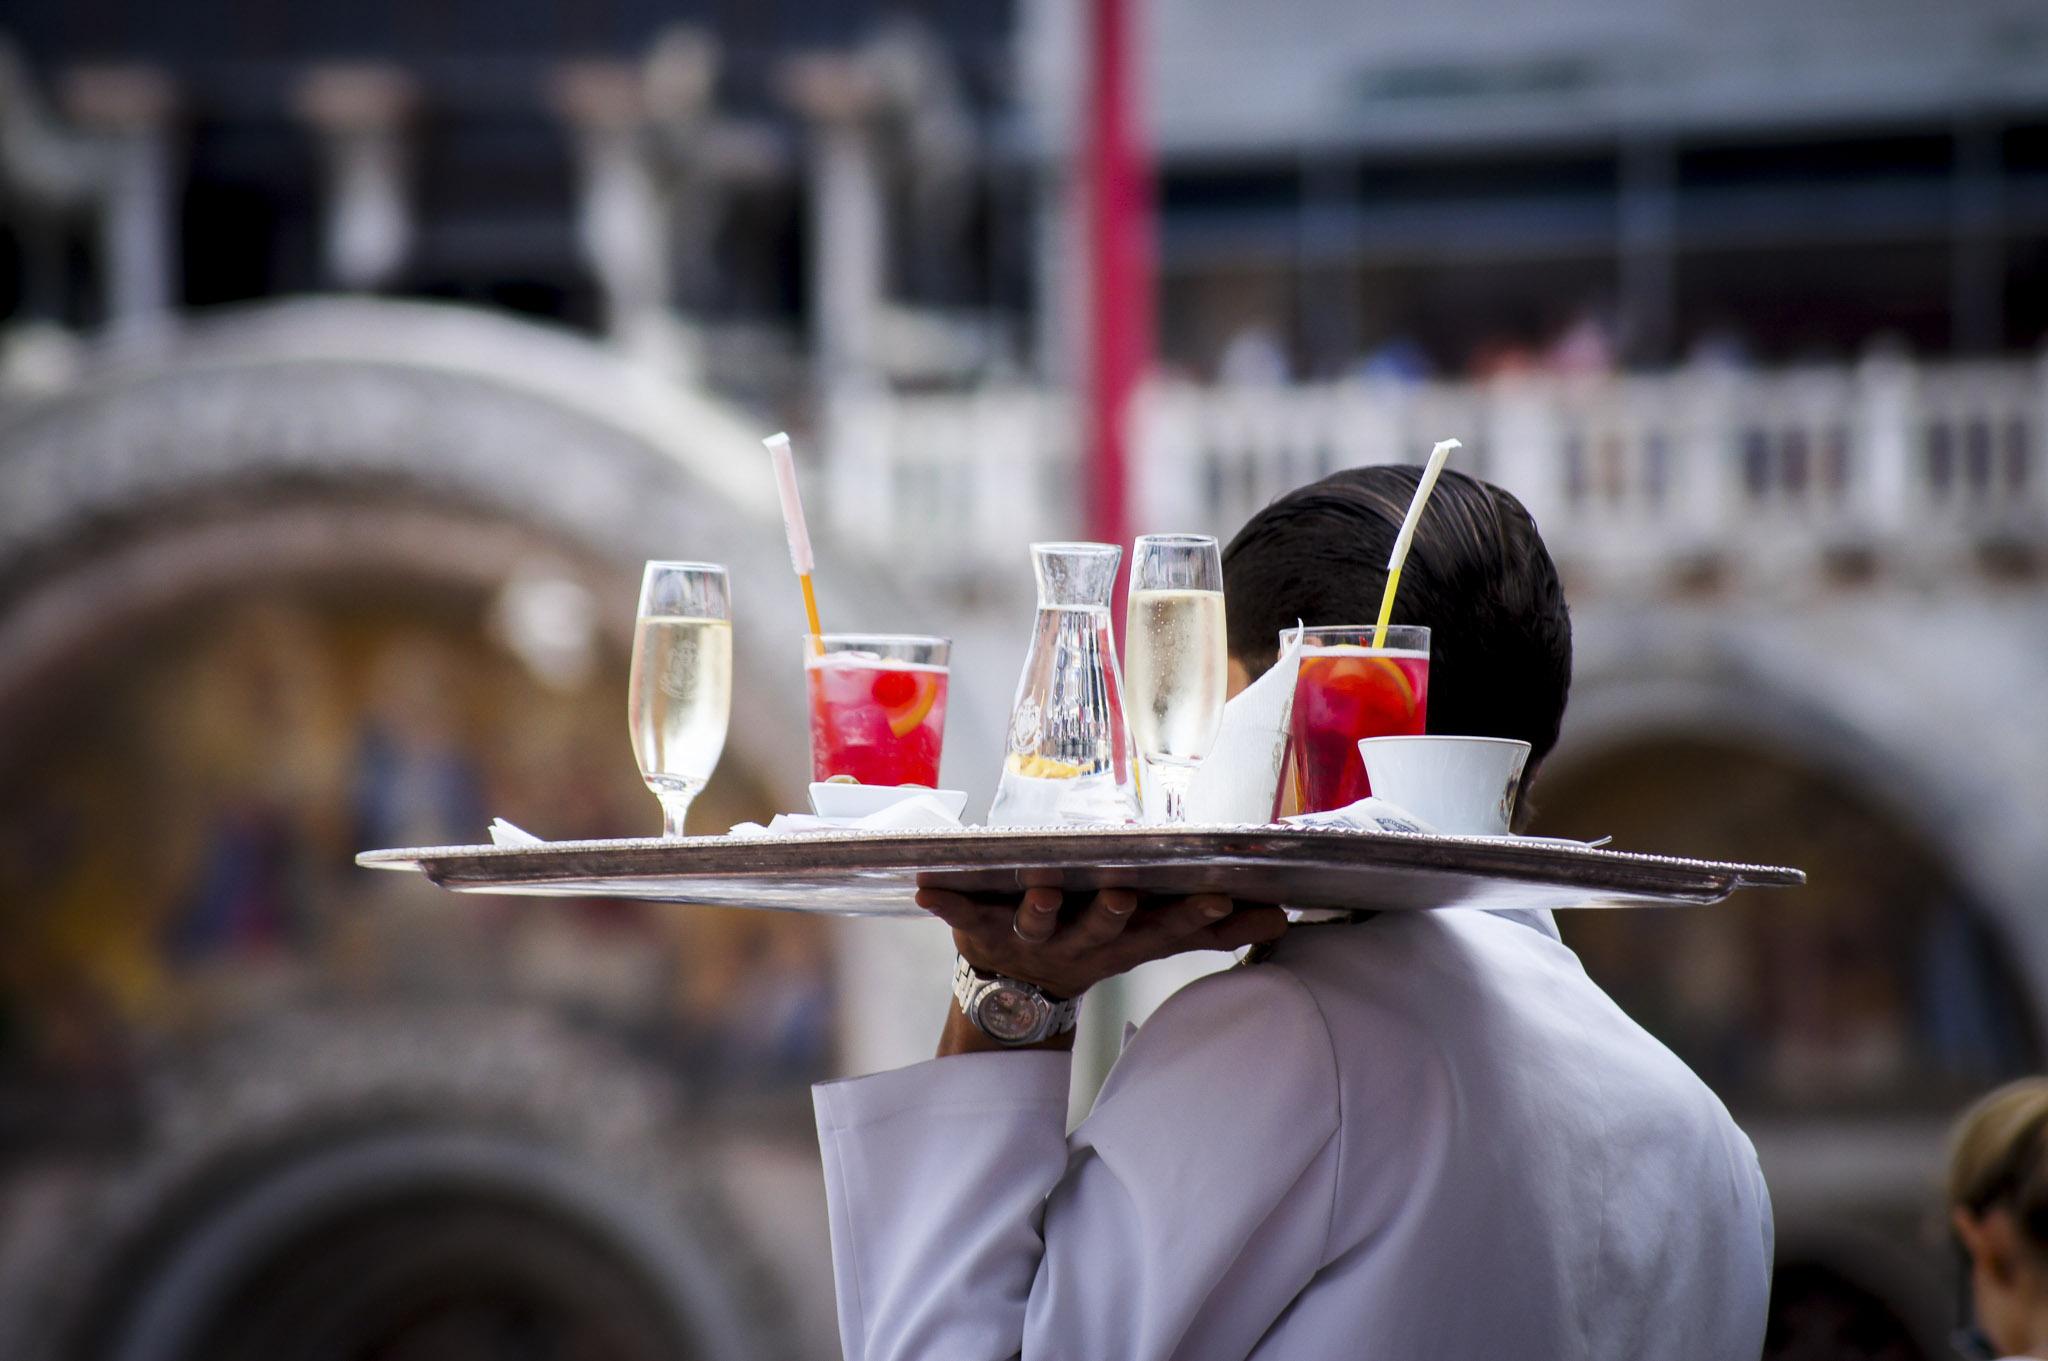 Główne grzechy kelnerów. Co do doprowadza nas do jasnej cholery?